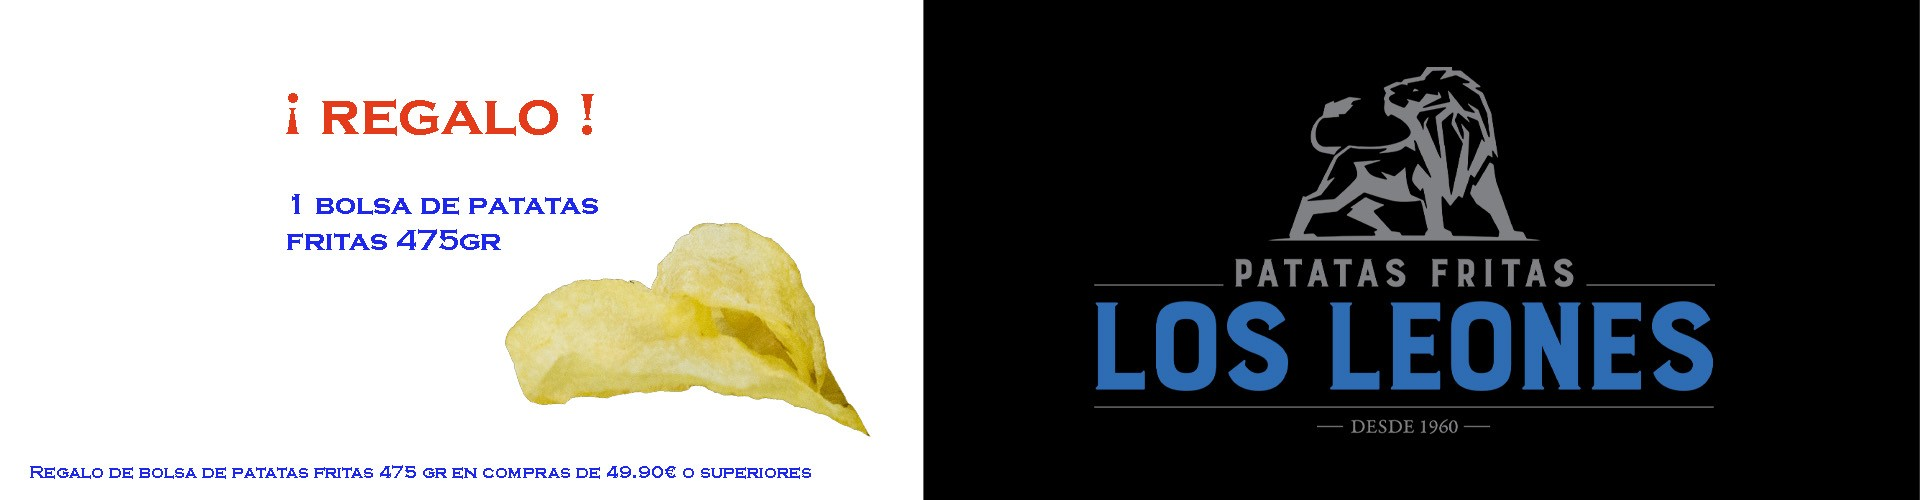 Regalo bolsa patatas fritas los leones